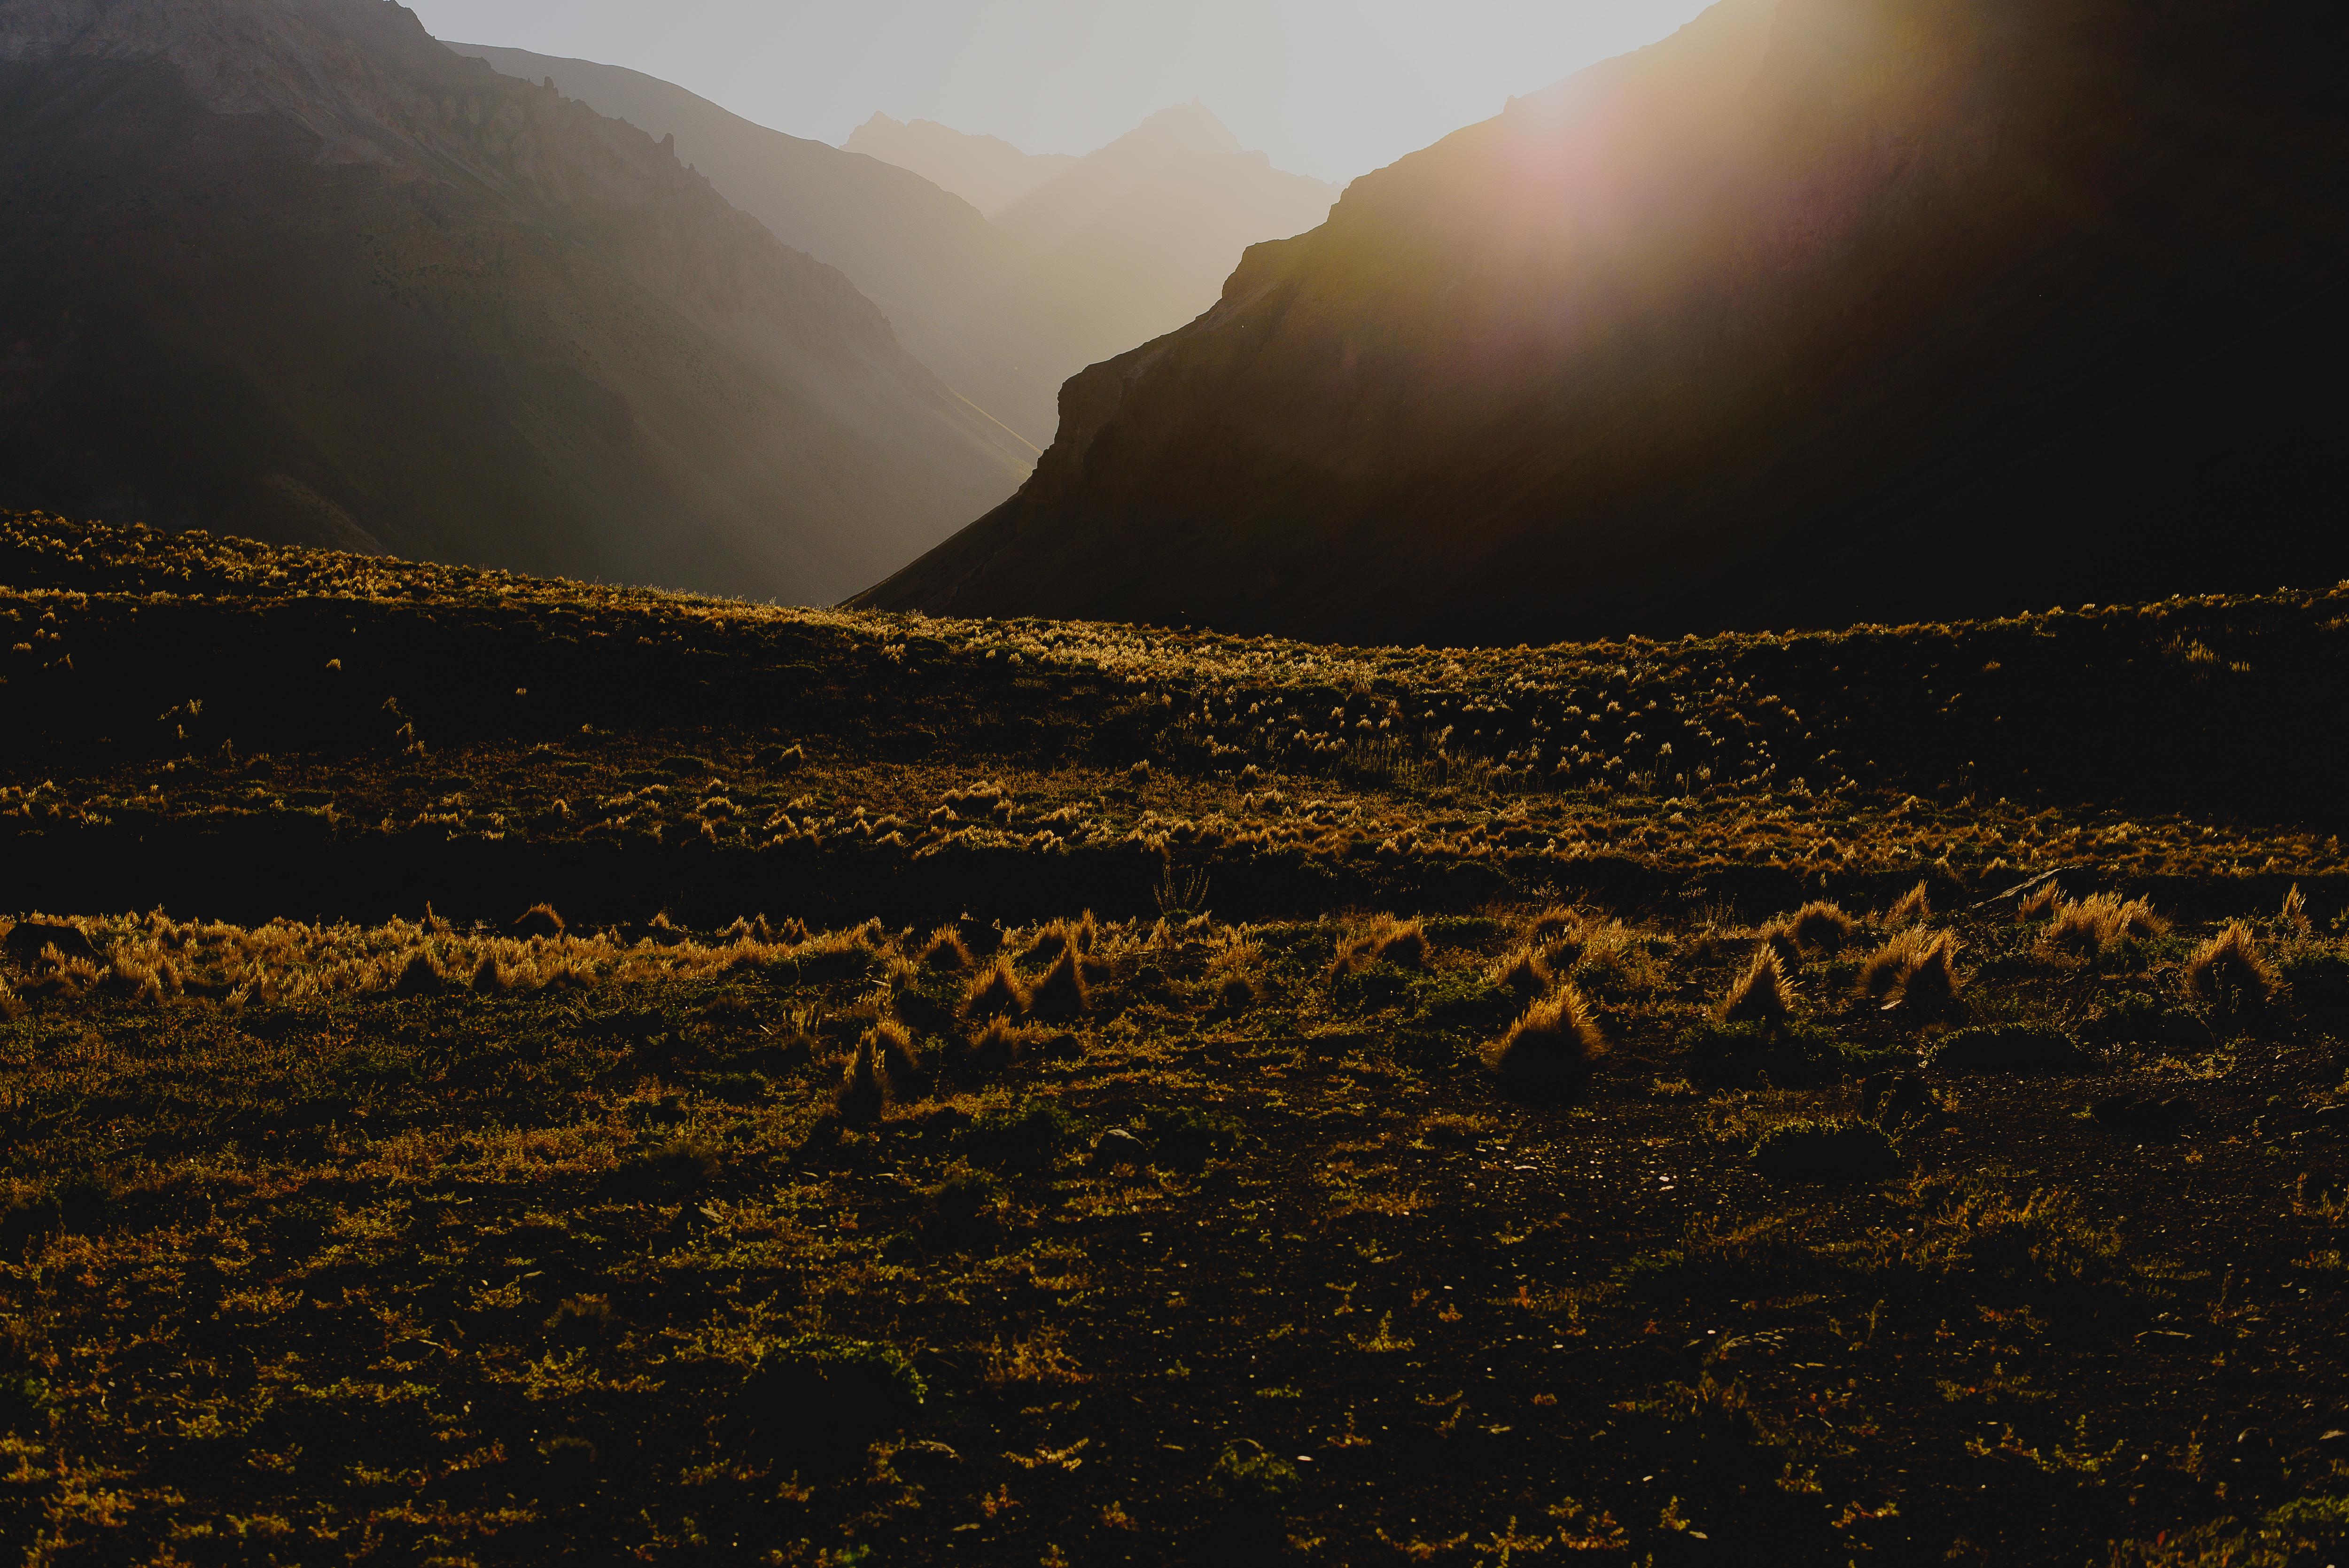 Fotos de Mendoza inspiracion de Marcos llanos